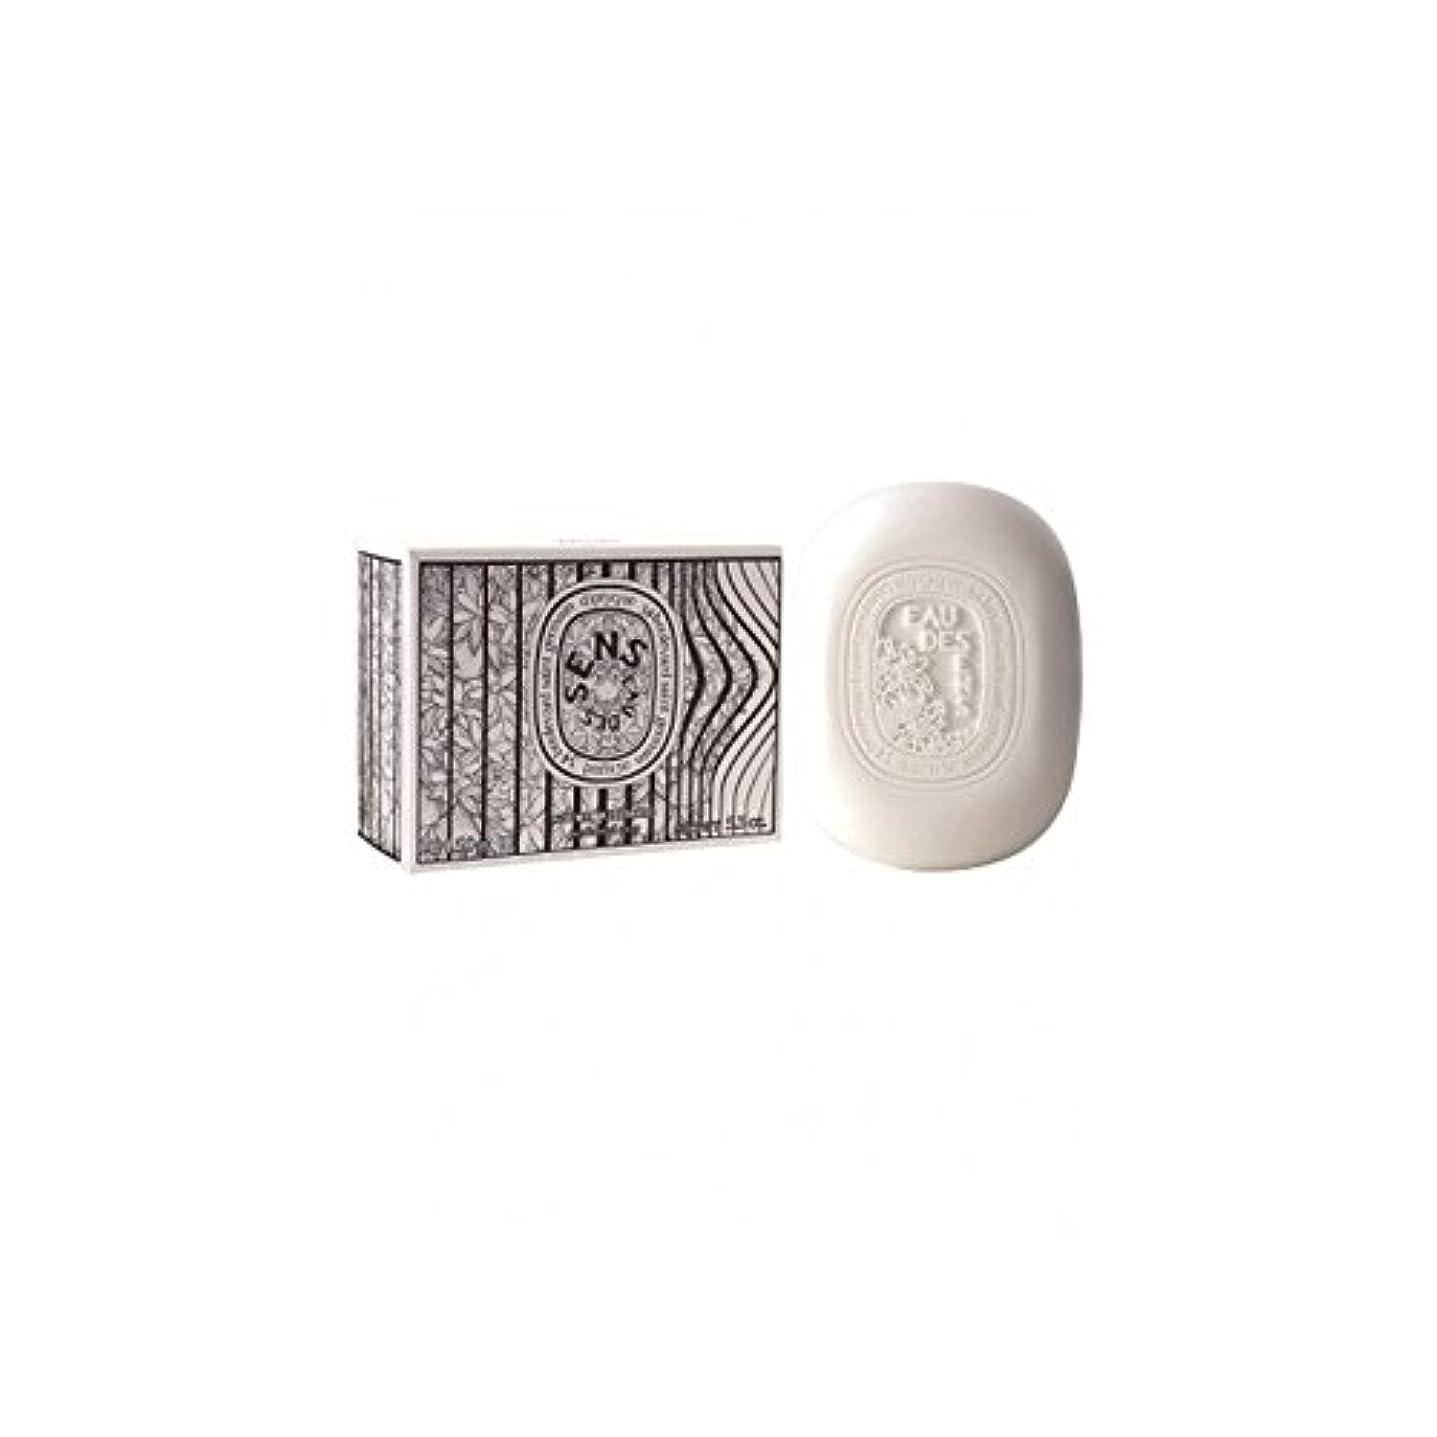 五十成長する矢印Diptyqueのオーデは石鹸の150グラムをSens - Diptyque Eau Des Sens Soap 150g (Diptyque) [並行輸入品]